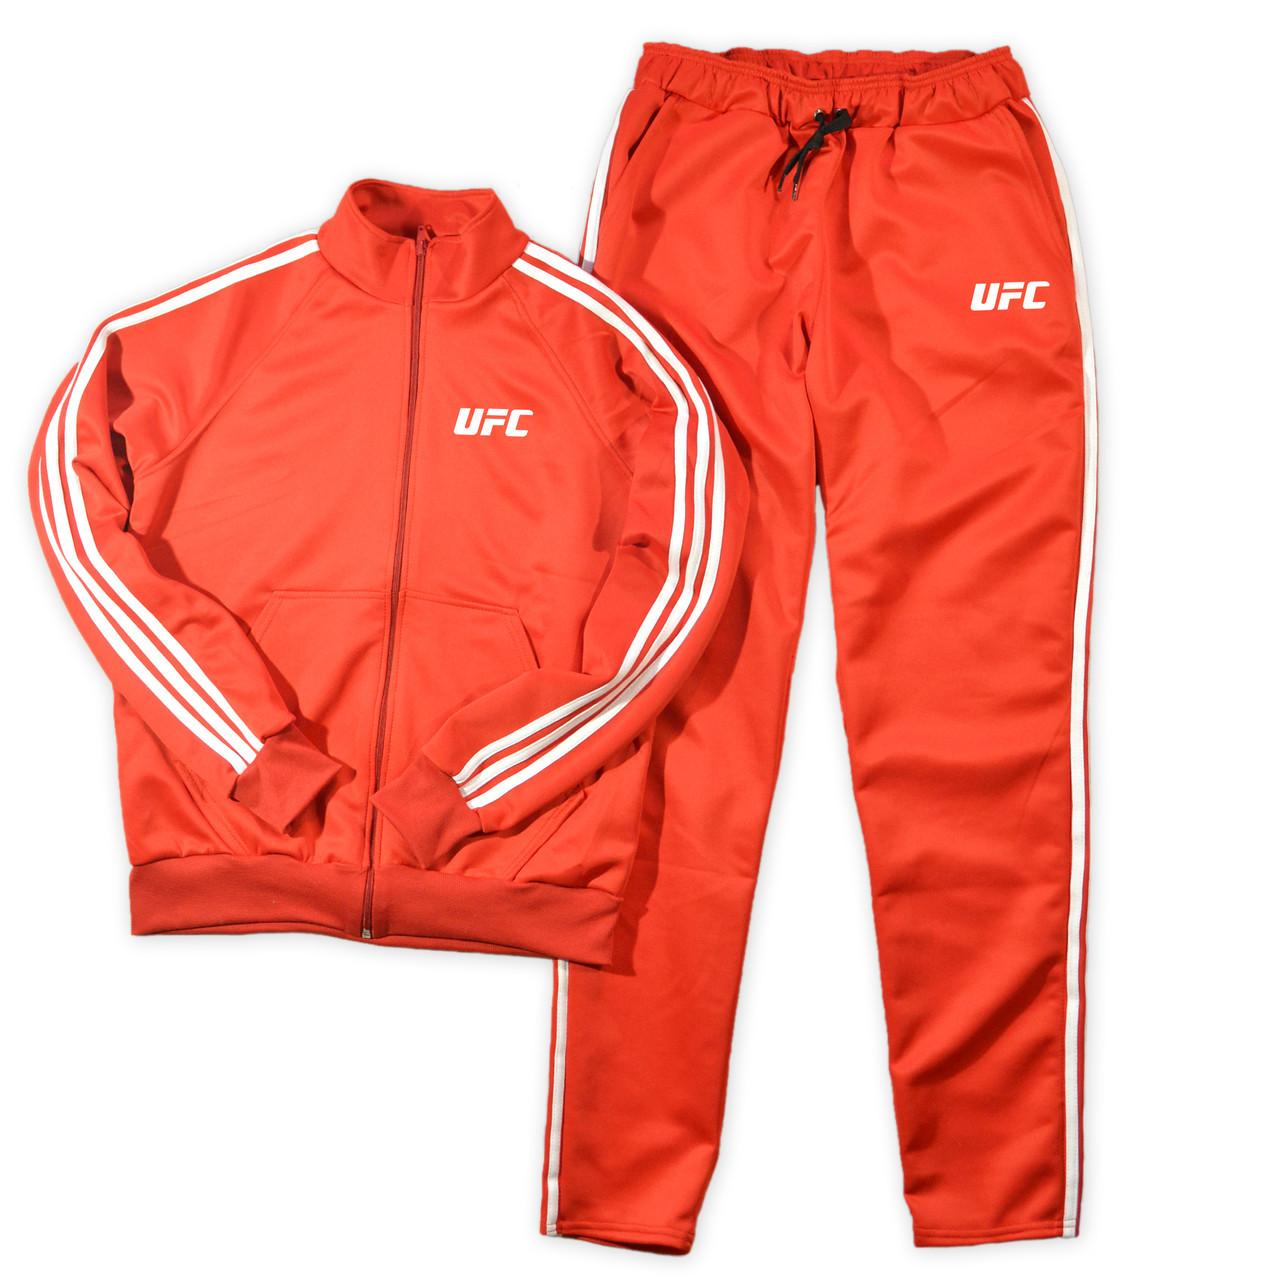 Мужской спортивный костюм UFC красного цвета с лампасами (ЮФС)